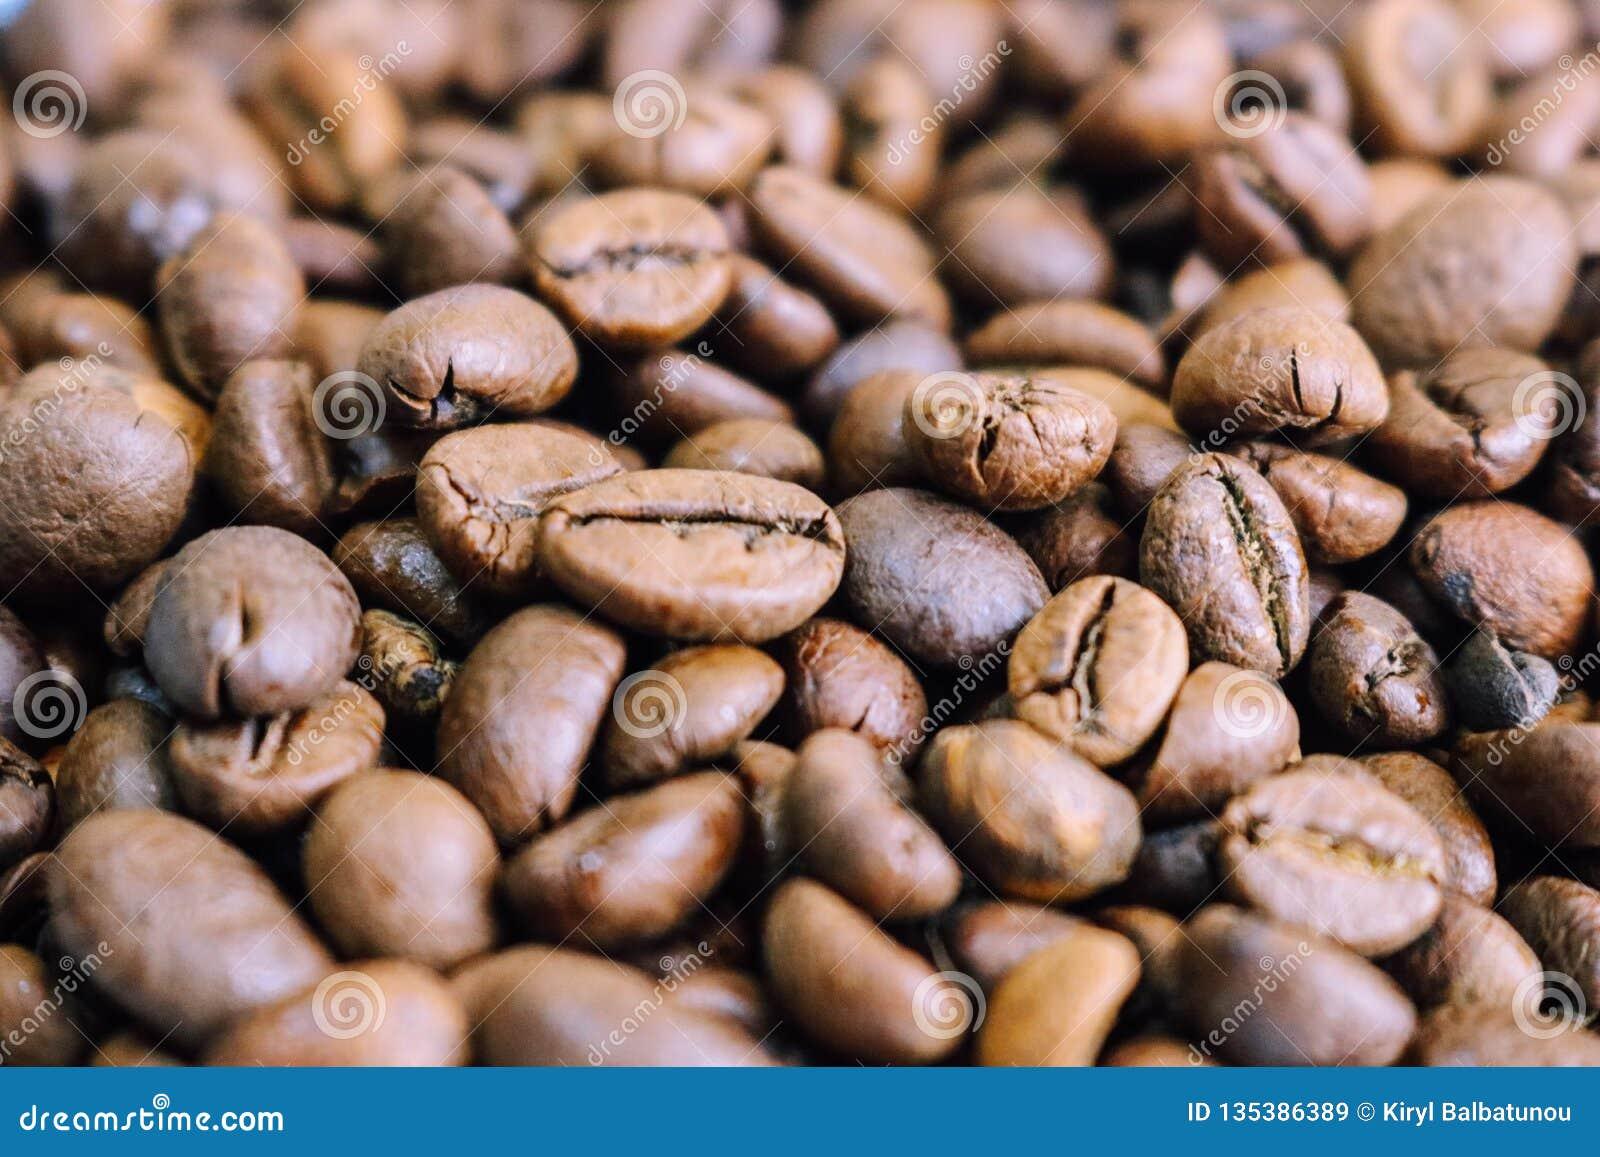 Mooie textuur van de vers geroosterde geselecteerde heerlijke rijke bruine natuurlijke geurige korrels van de koffieboom, Arabica